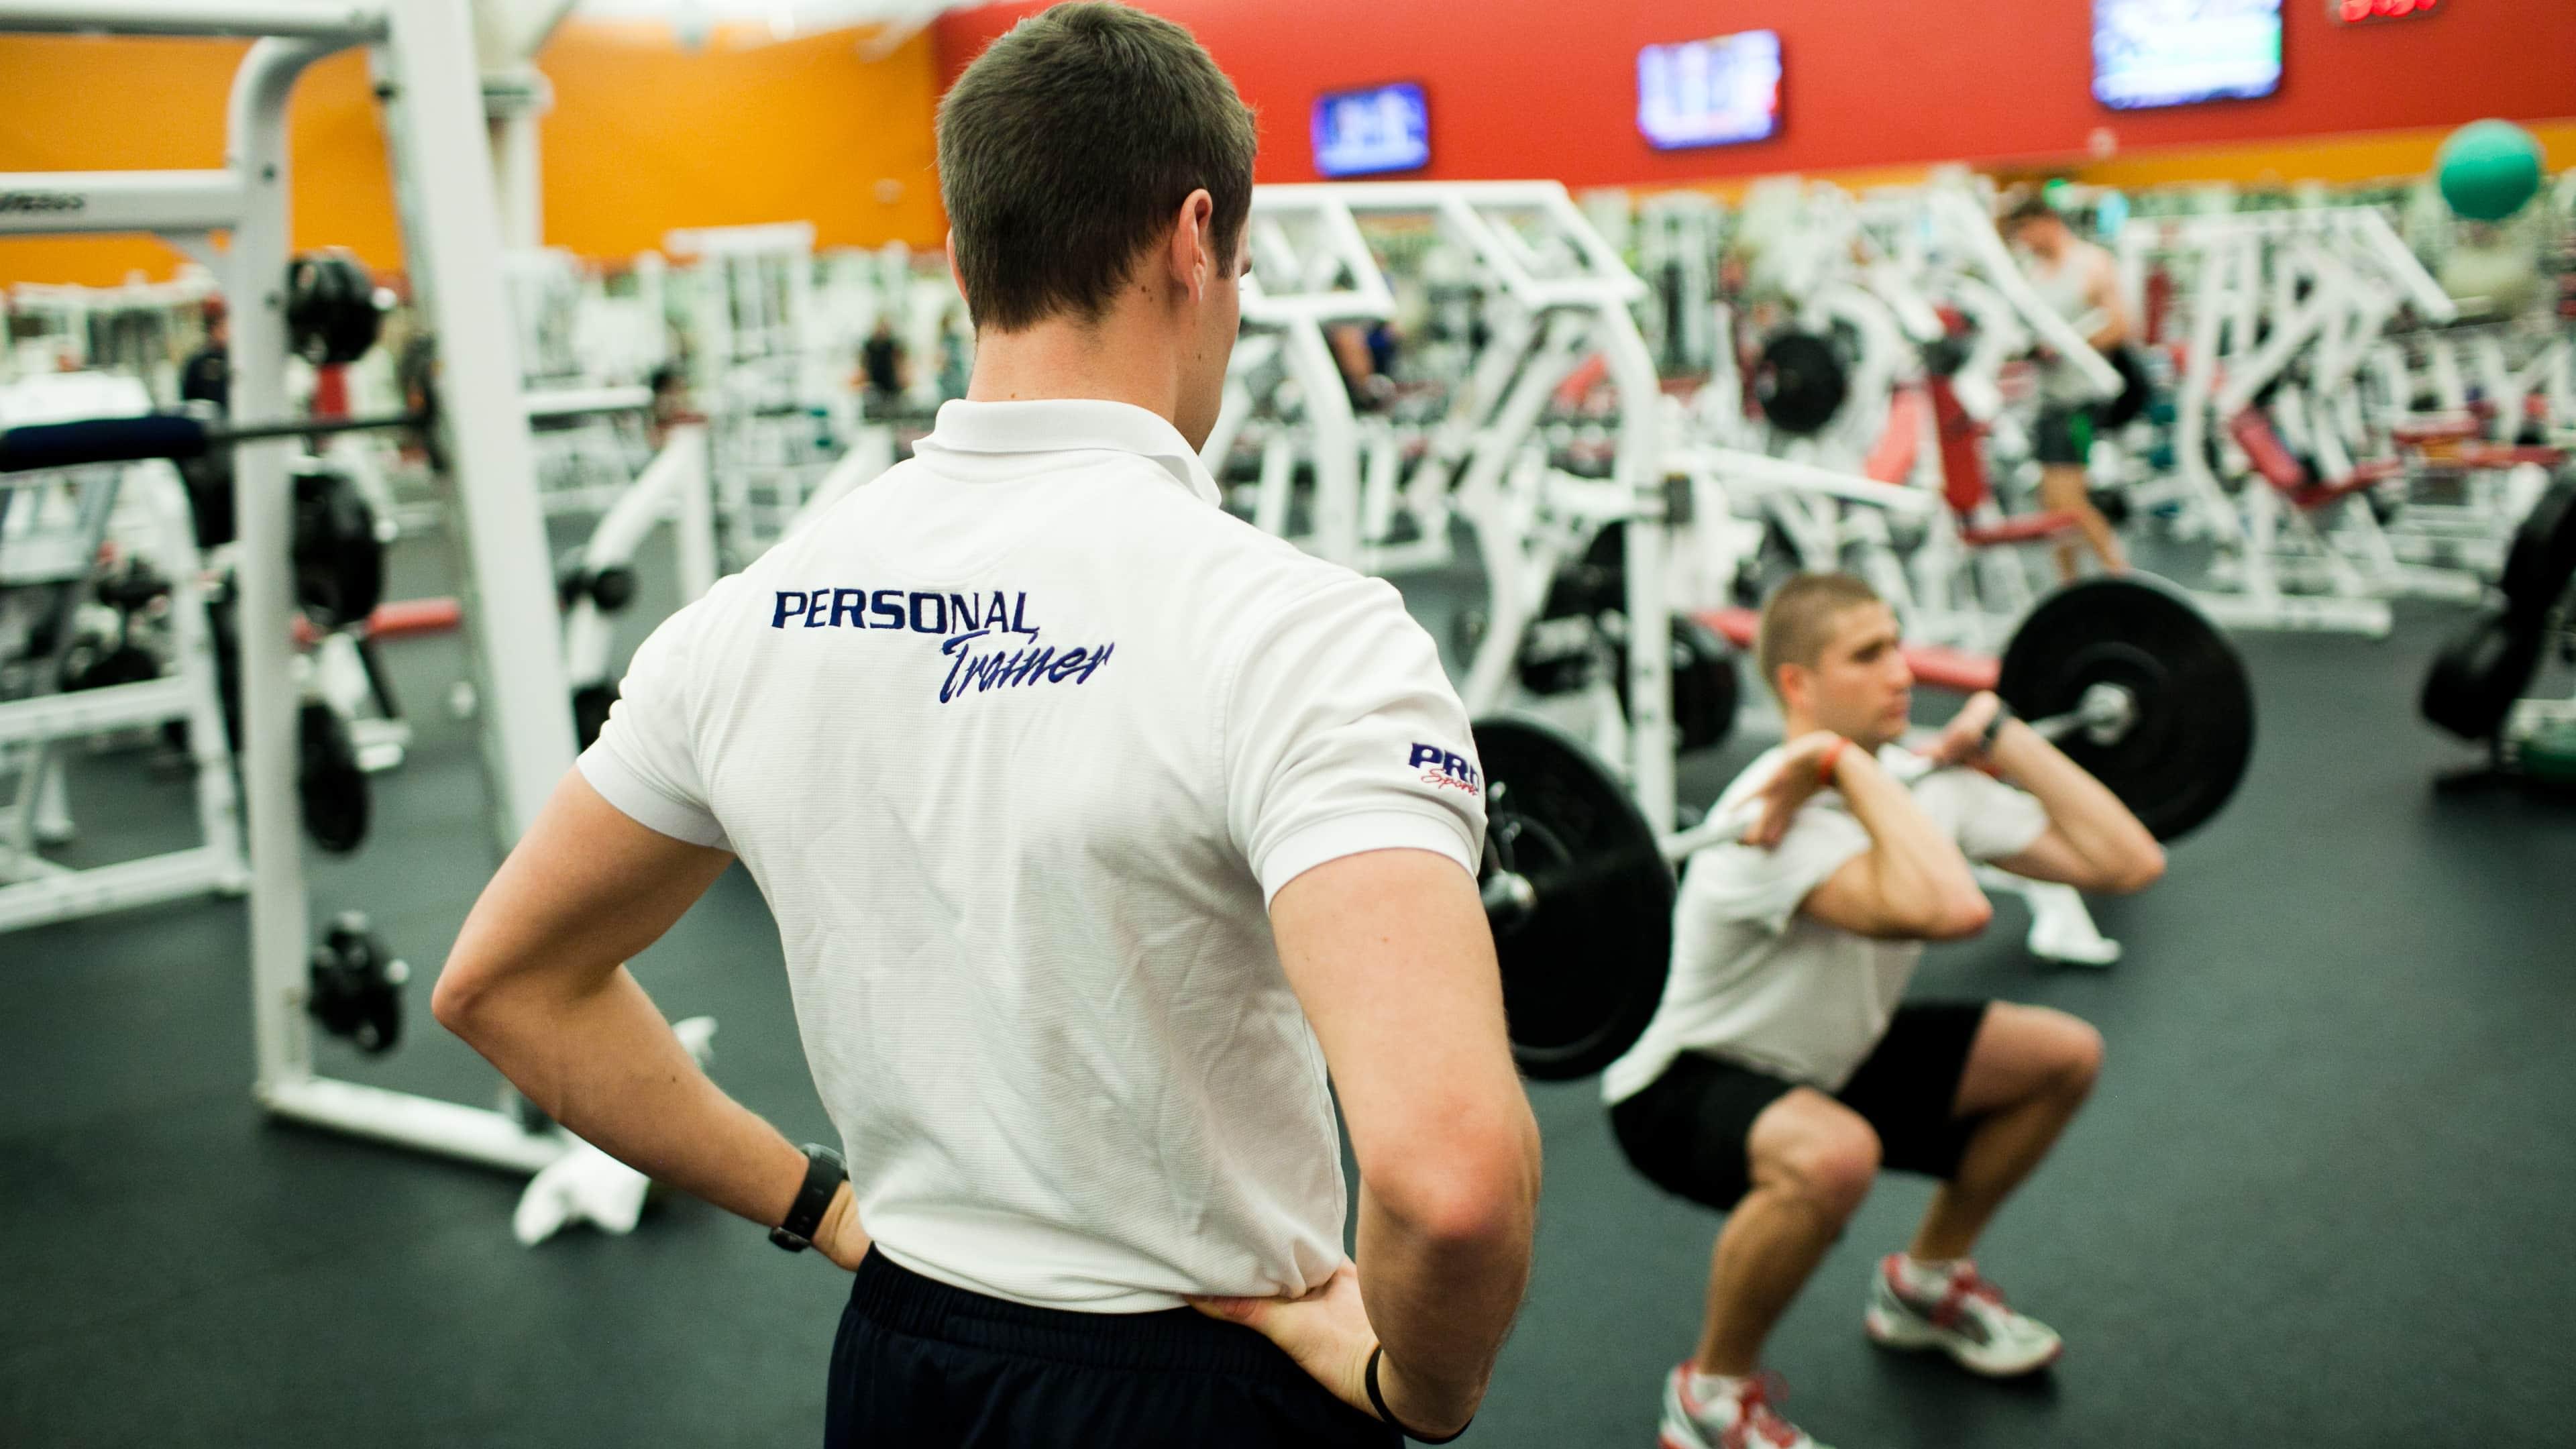 Pro Club Personal Training Bellevue Redmond Seattle